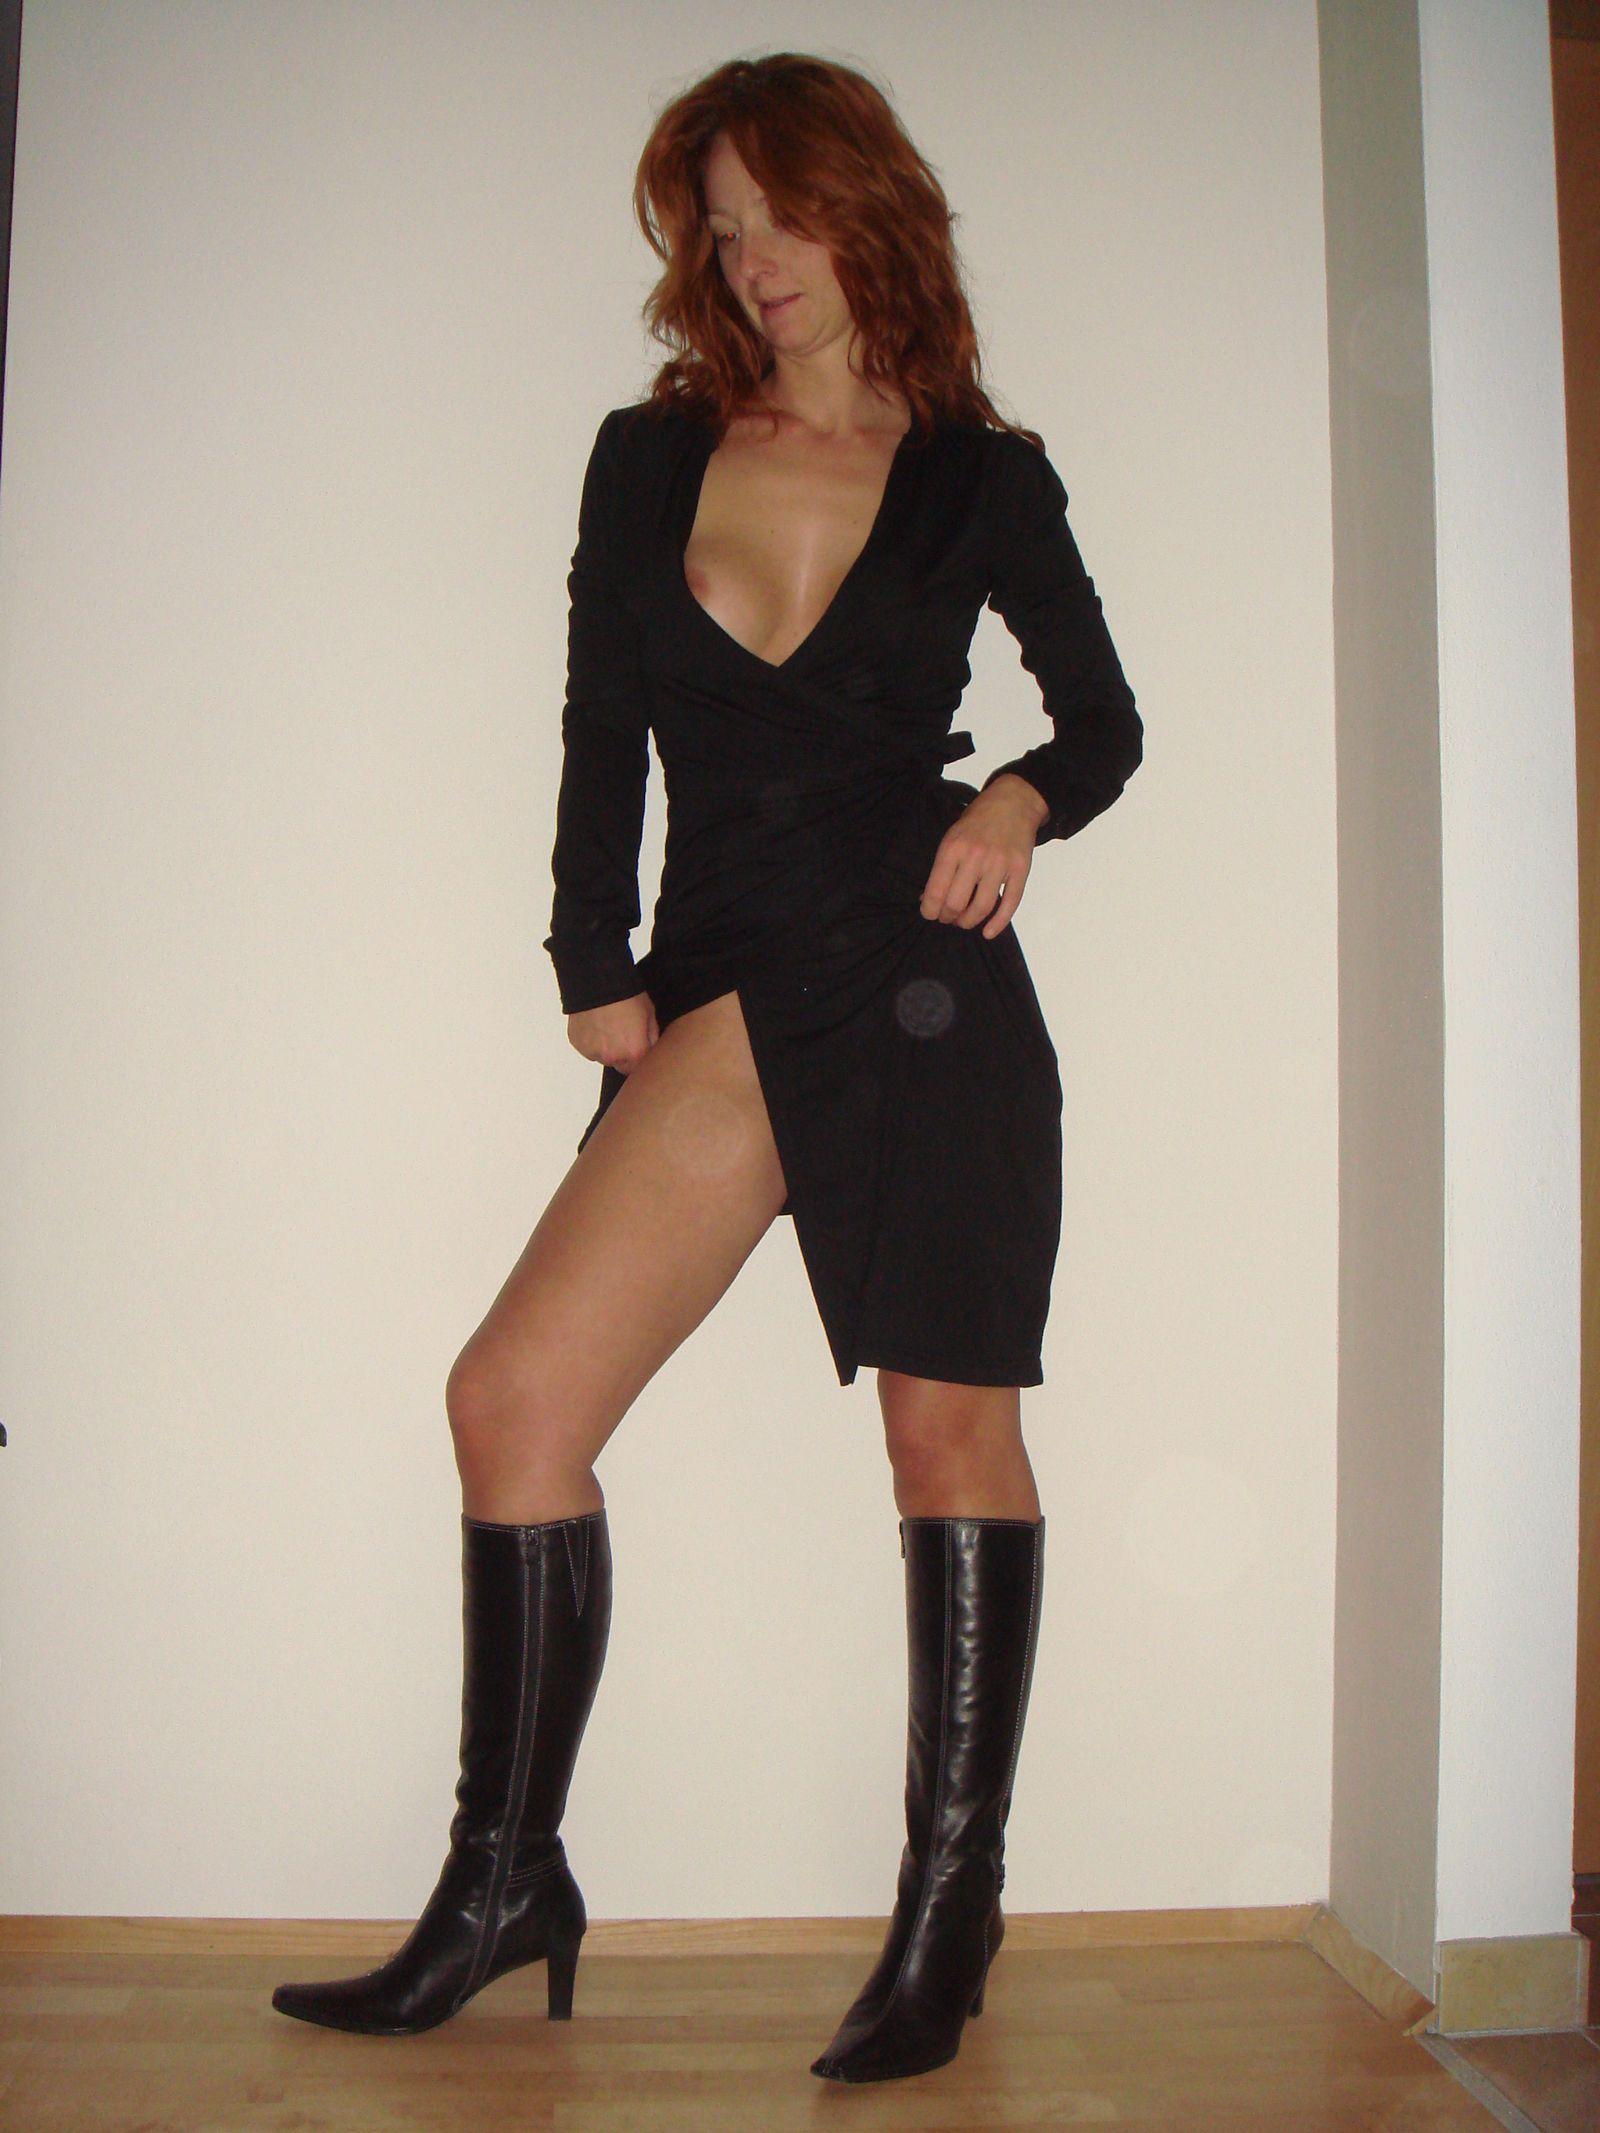 Рыжая австрийка без трусиков под платьем отсасывает